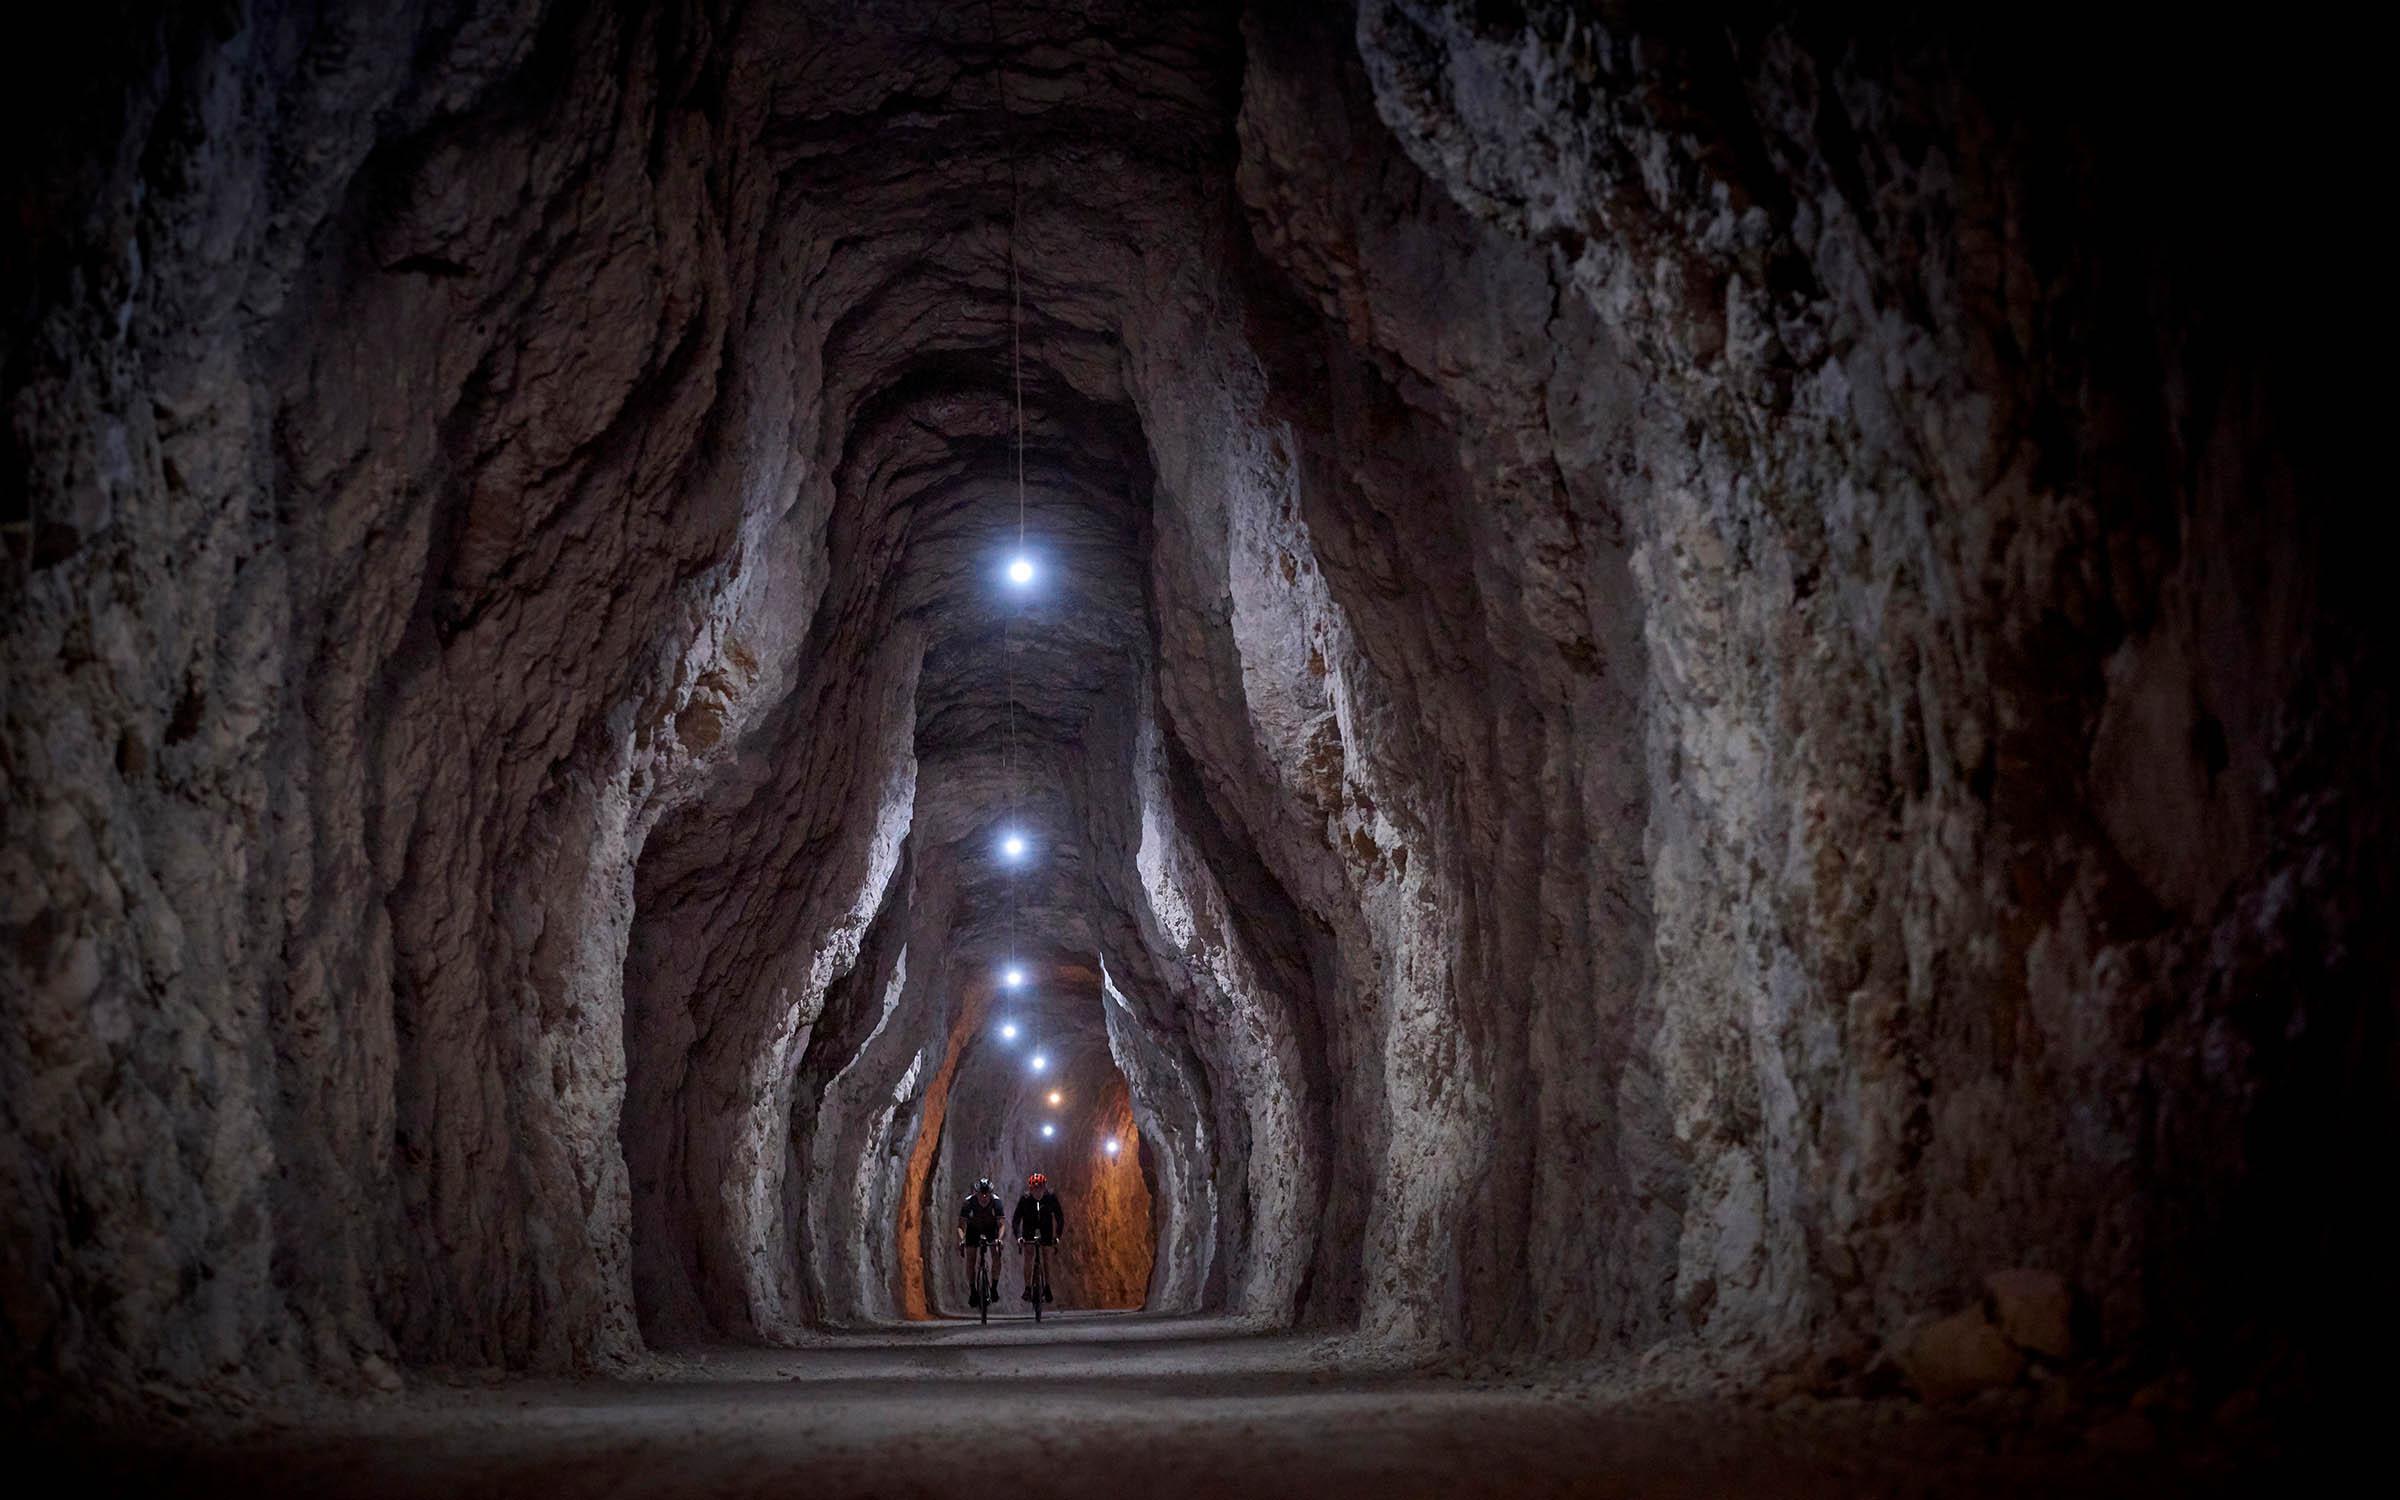 Het tracé gaat over bruggen en door tunnels. De langste is bijna 200 meter lang!